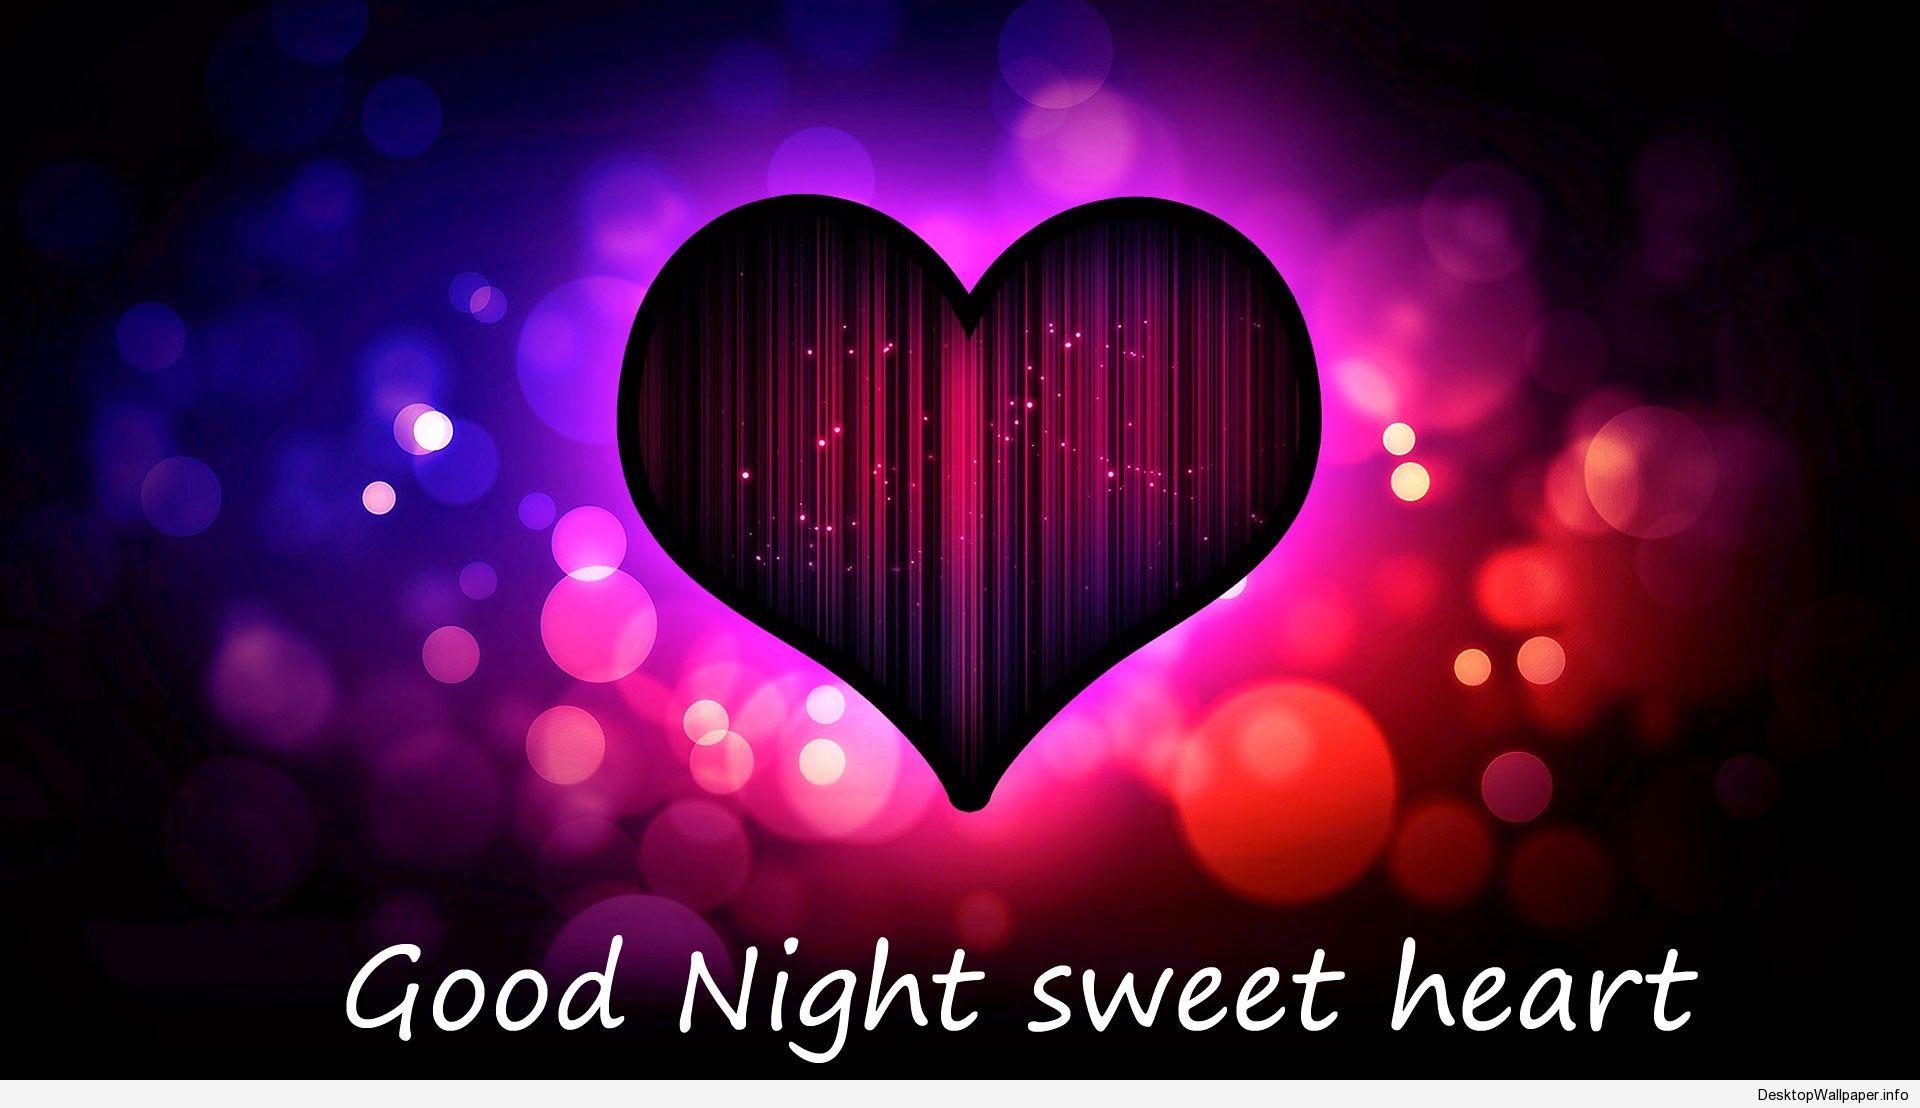 good night wallpaper love - http://desktopwallpaper/good-night